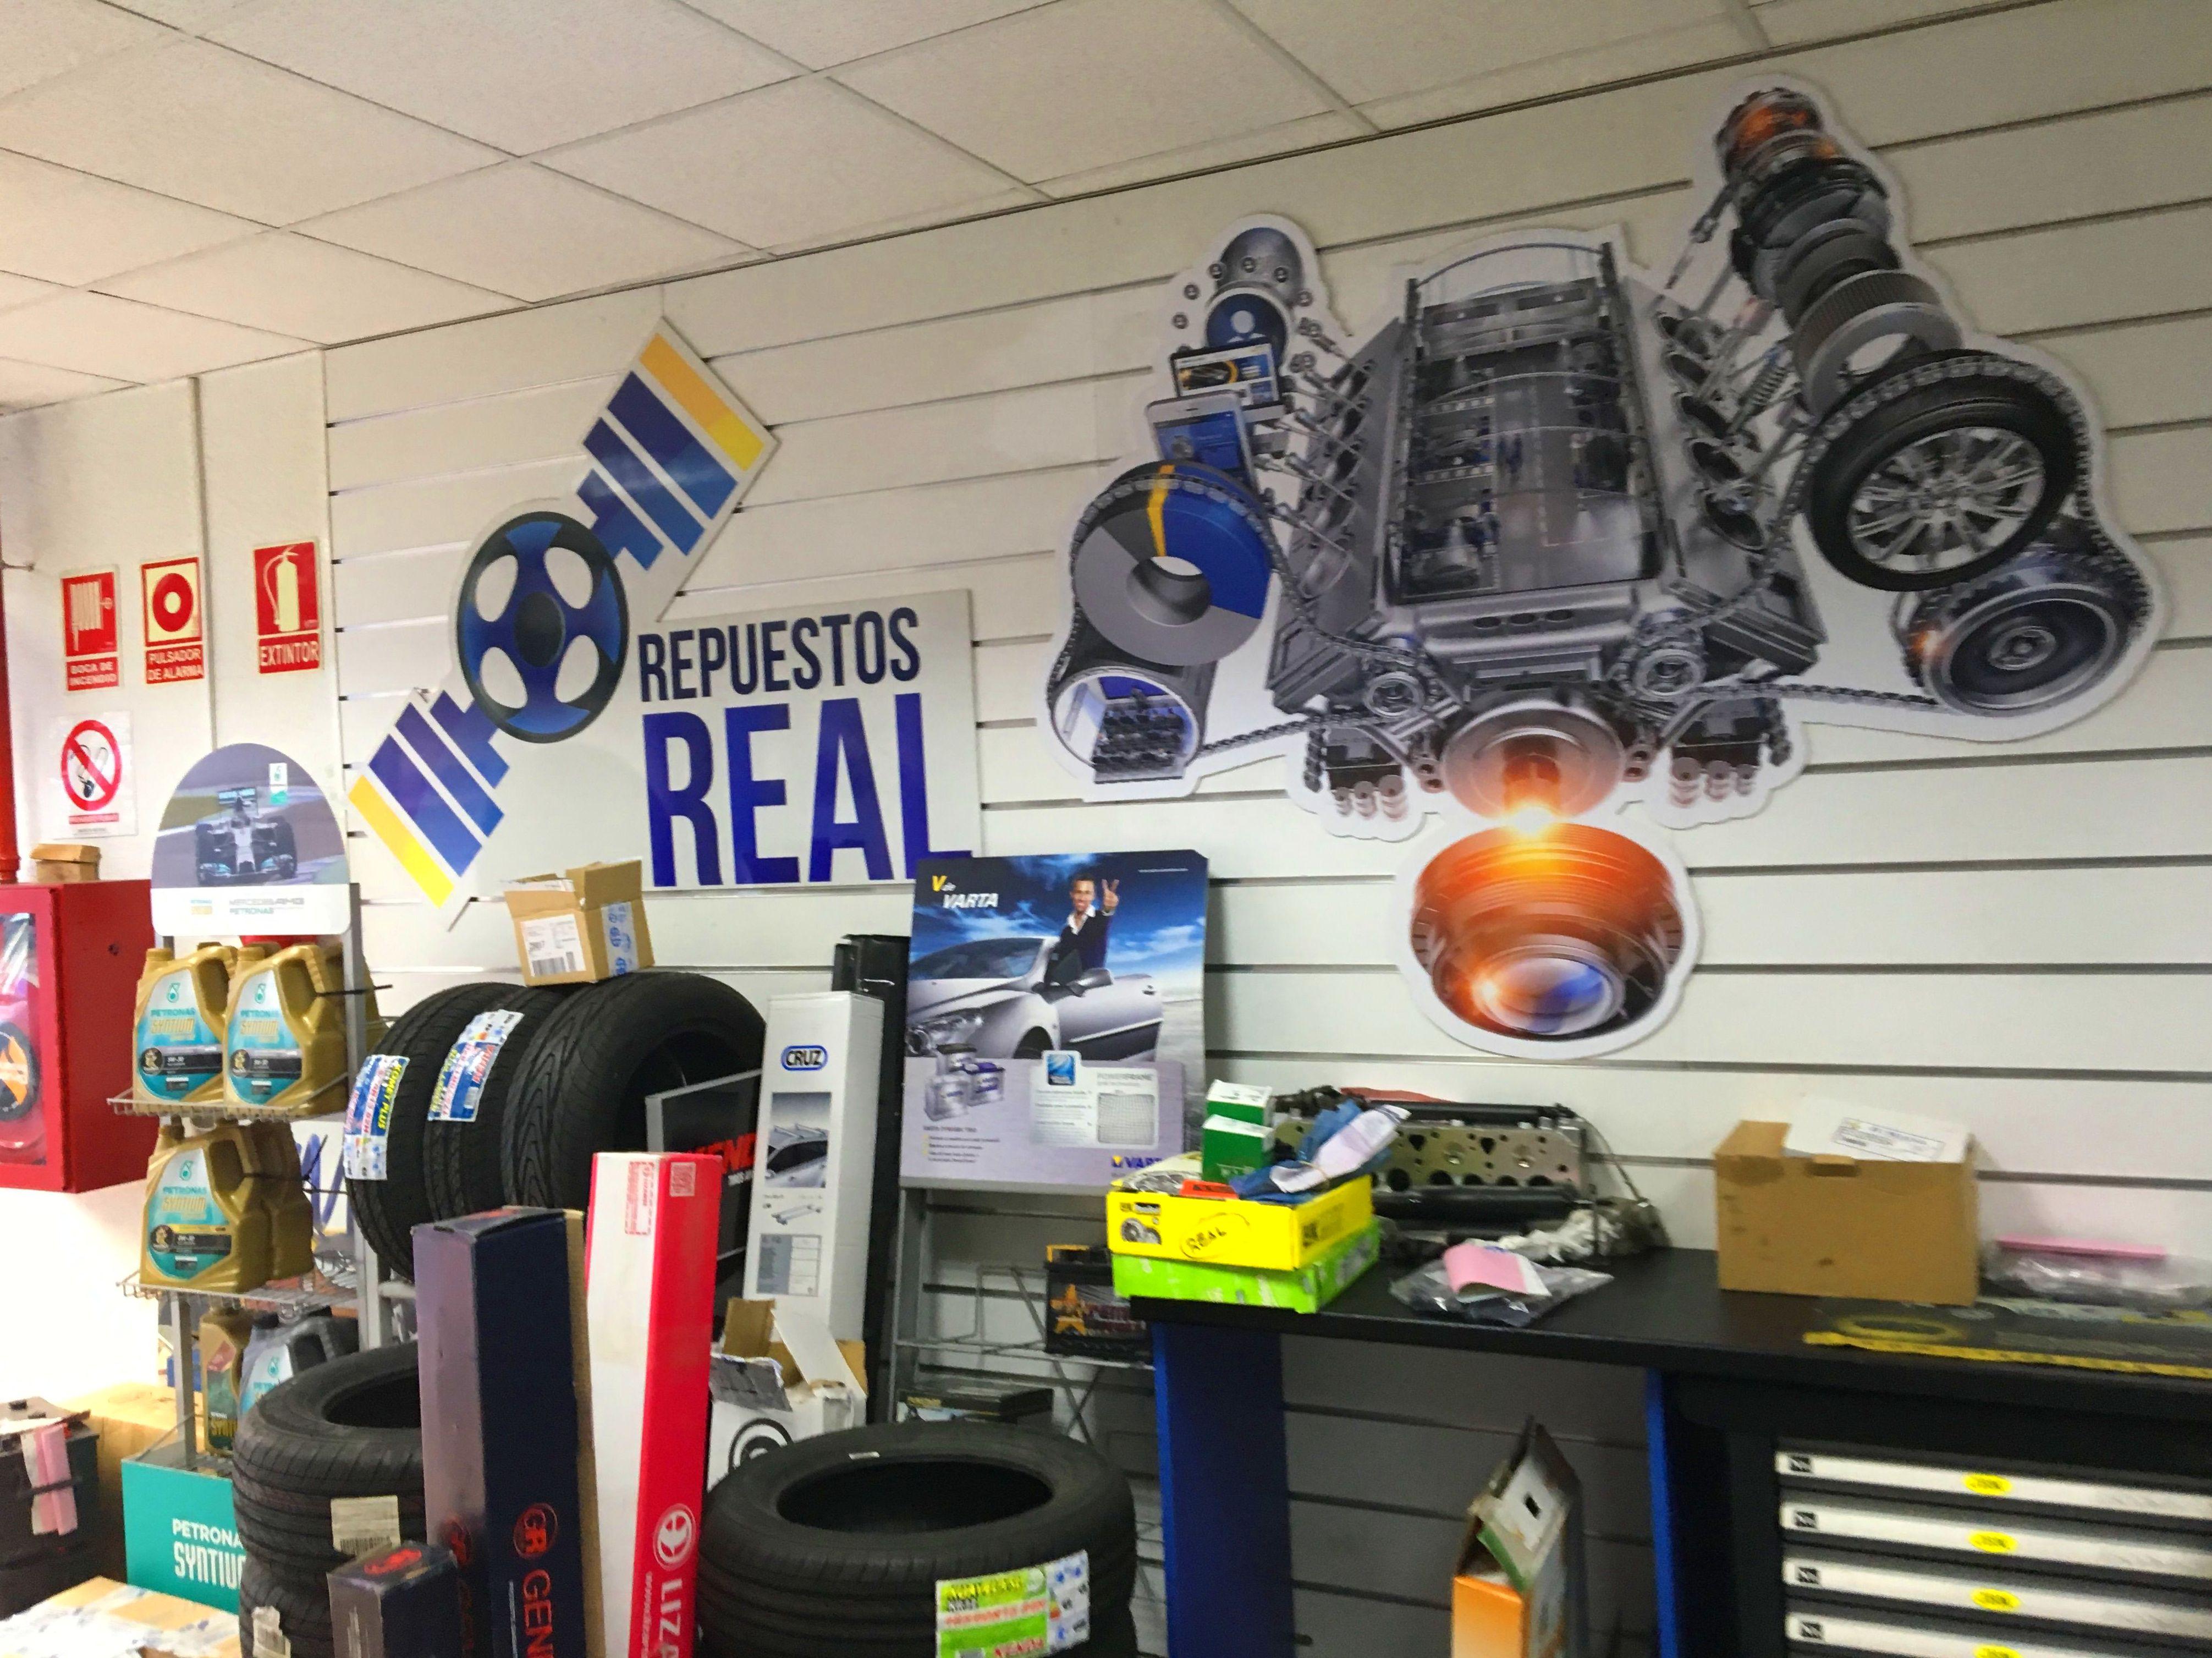 Foto 3 de Recambios y accesorios del automóvil en Madrid | Repuestos Real, S.L.